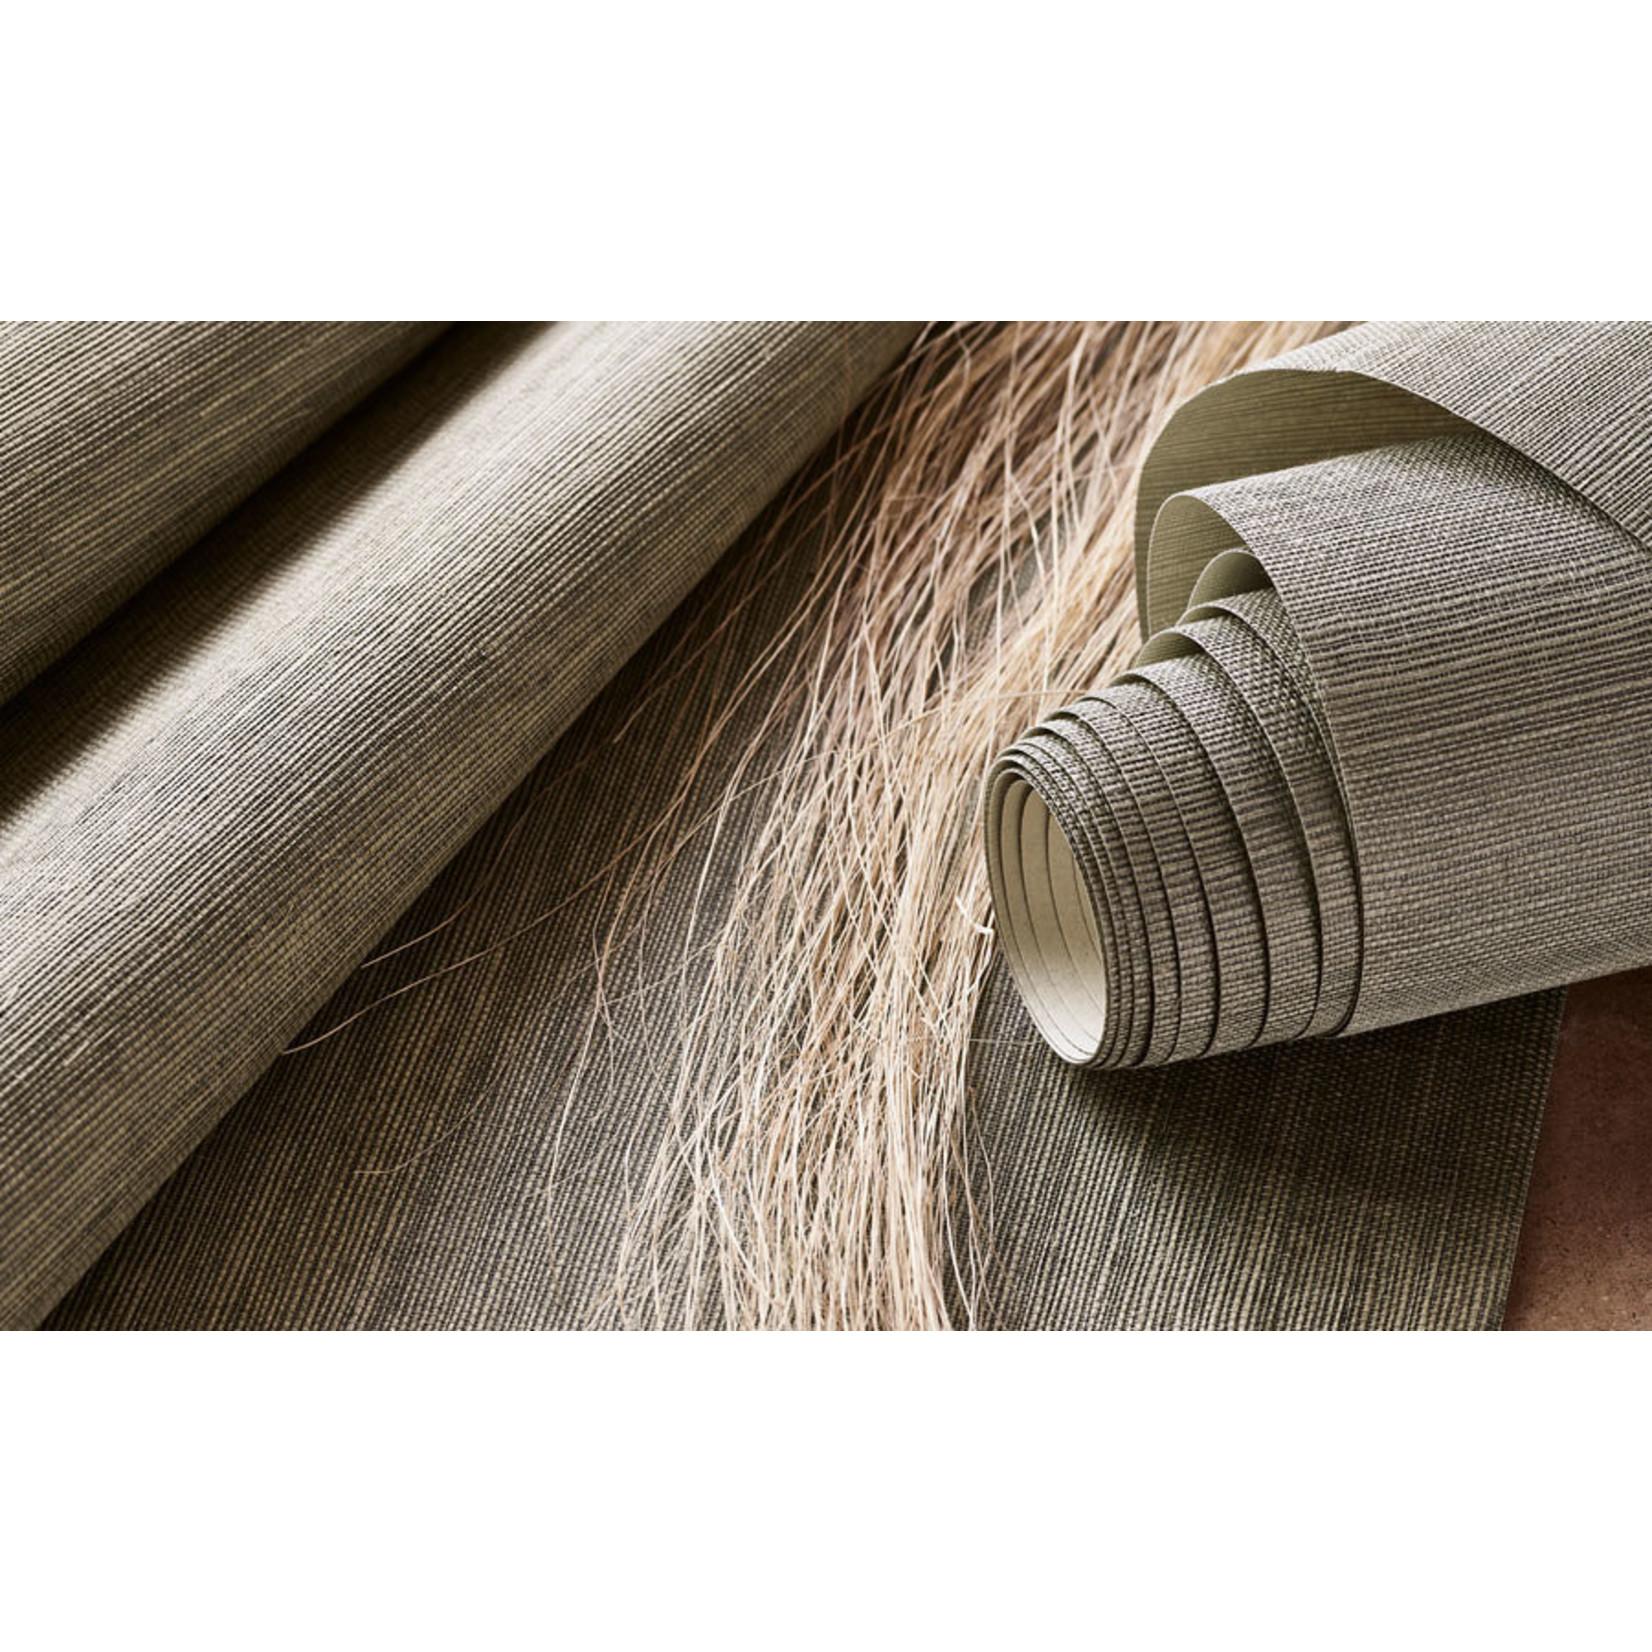 Mark Alexander Revêtements muraux tissés à la main en toile d'herbe | Coquille de sisal